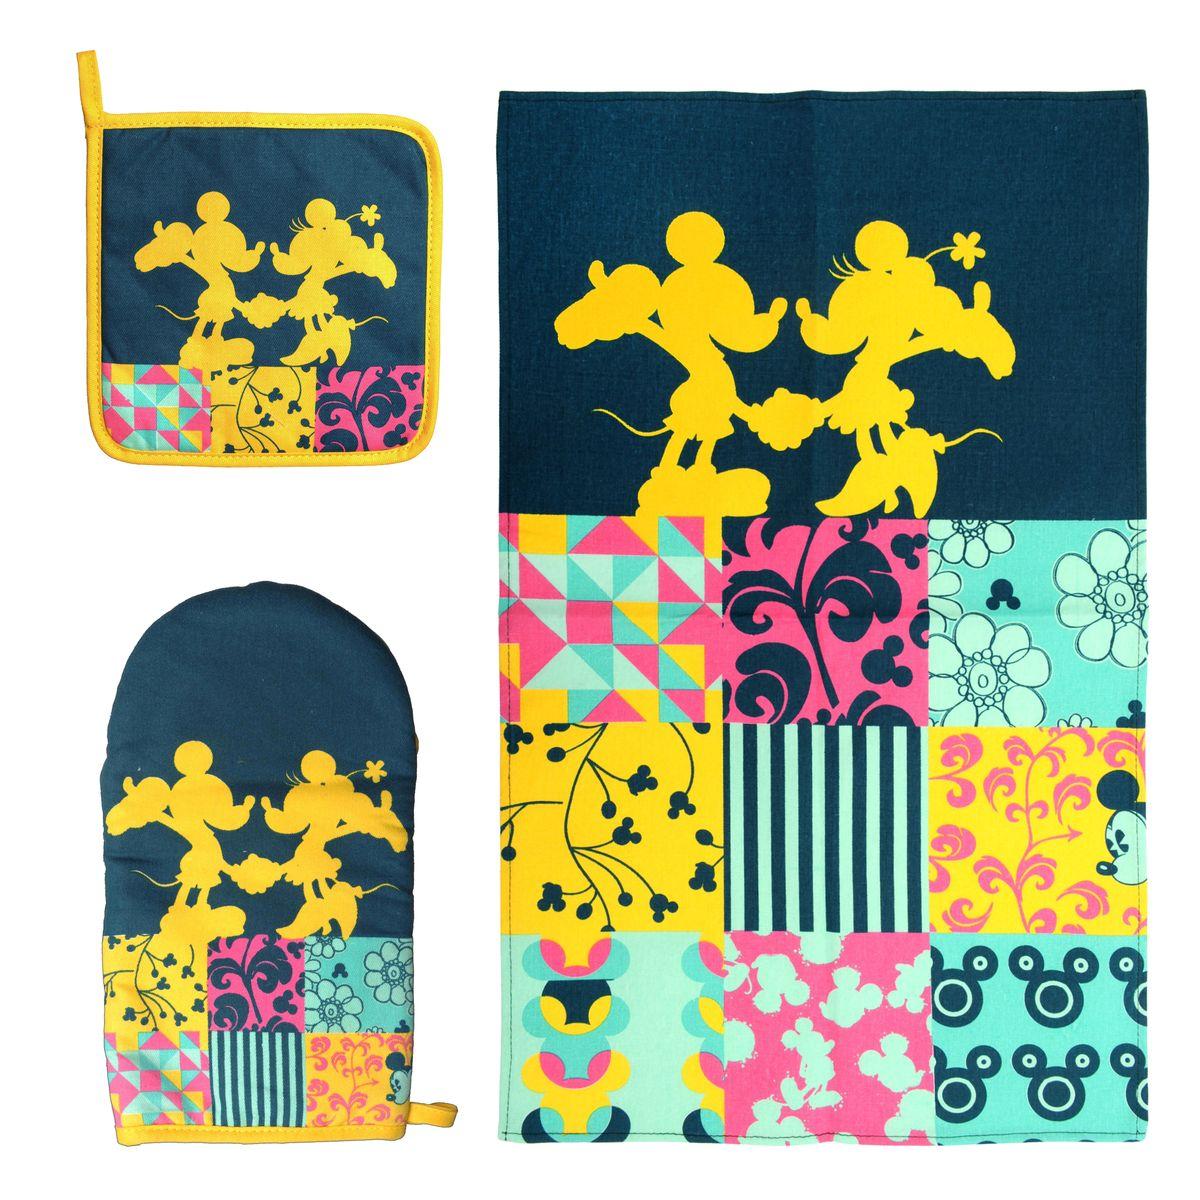 Набор для кухни Disney Mickey&Minnie, 3 предмета65094Набор для кухни Disney Mickey&Minnie, выполненный из 100% хлопка, состоит из полотенца, прихватки, варежки. Предметы набора оформлены изображением Микки Мауса и Минни Мауса, а также красивыми узорами. Прихватку и рукавицу можно подвешивать благодаря имеющимся на них петелькам. Такой набор - отличный вариант для практичной и современной молодой хозяйки. Размер полотенца: 37 см х 62 см. Размер прихватки: 18 см х 18 см. Размер варежки: 15 см х 28 см.